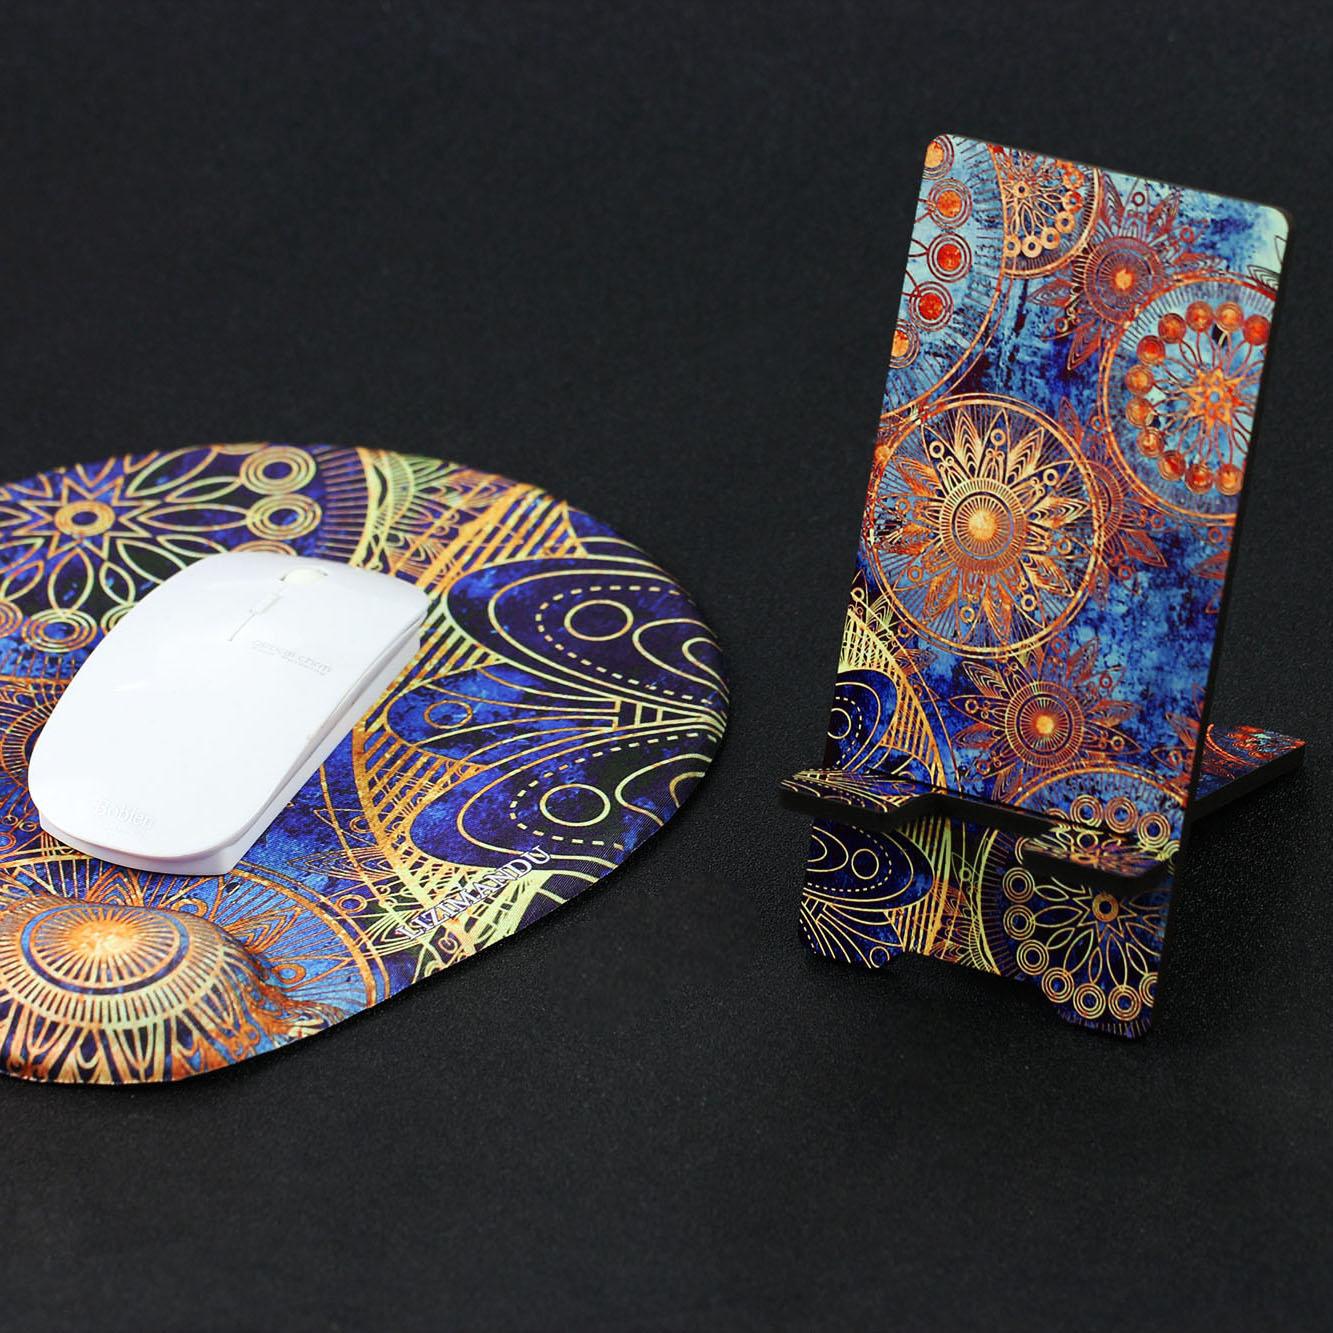 包邮 手腕托机械键盘手托橡胶 手机支架 护腕鼠标垫 自制创意